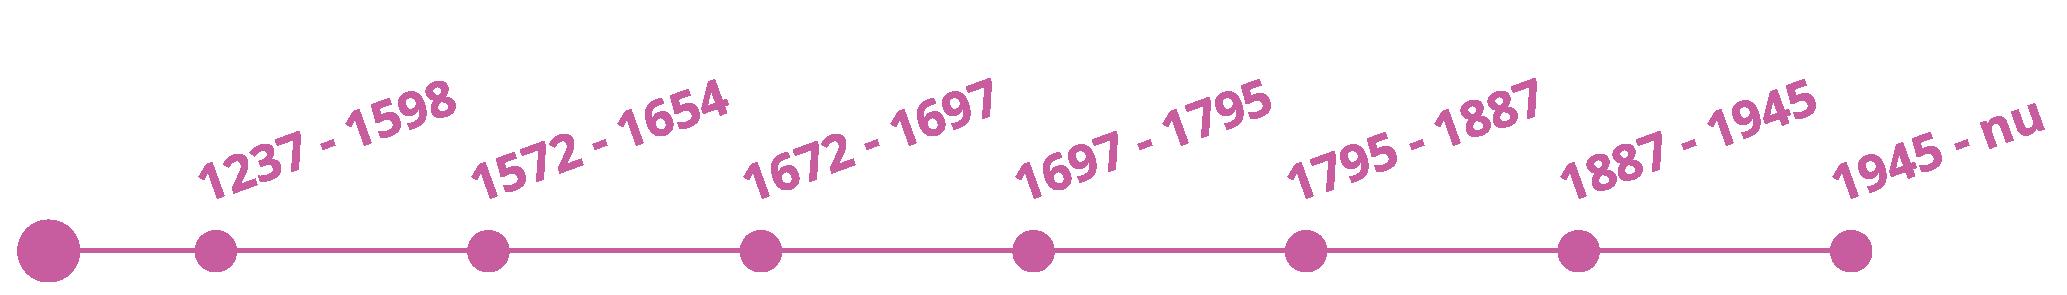 tijdlijn-doesburg-toenennu